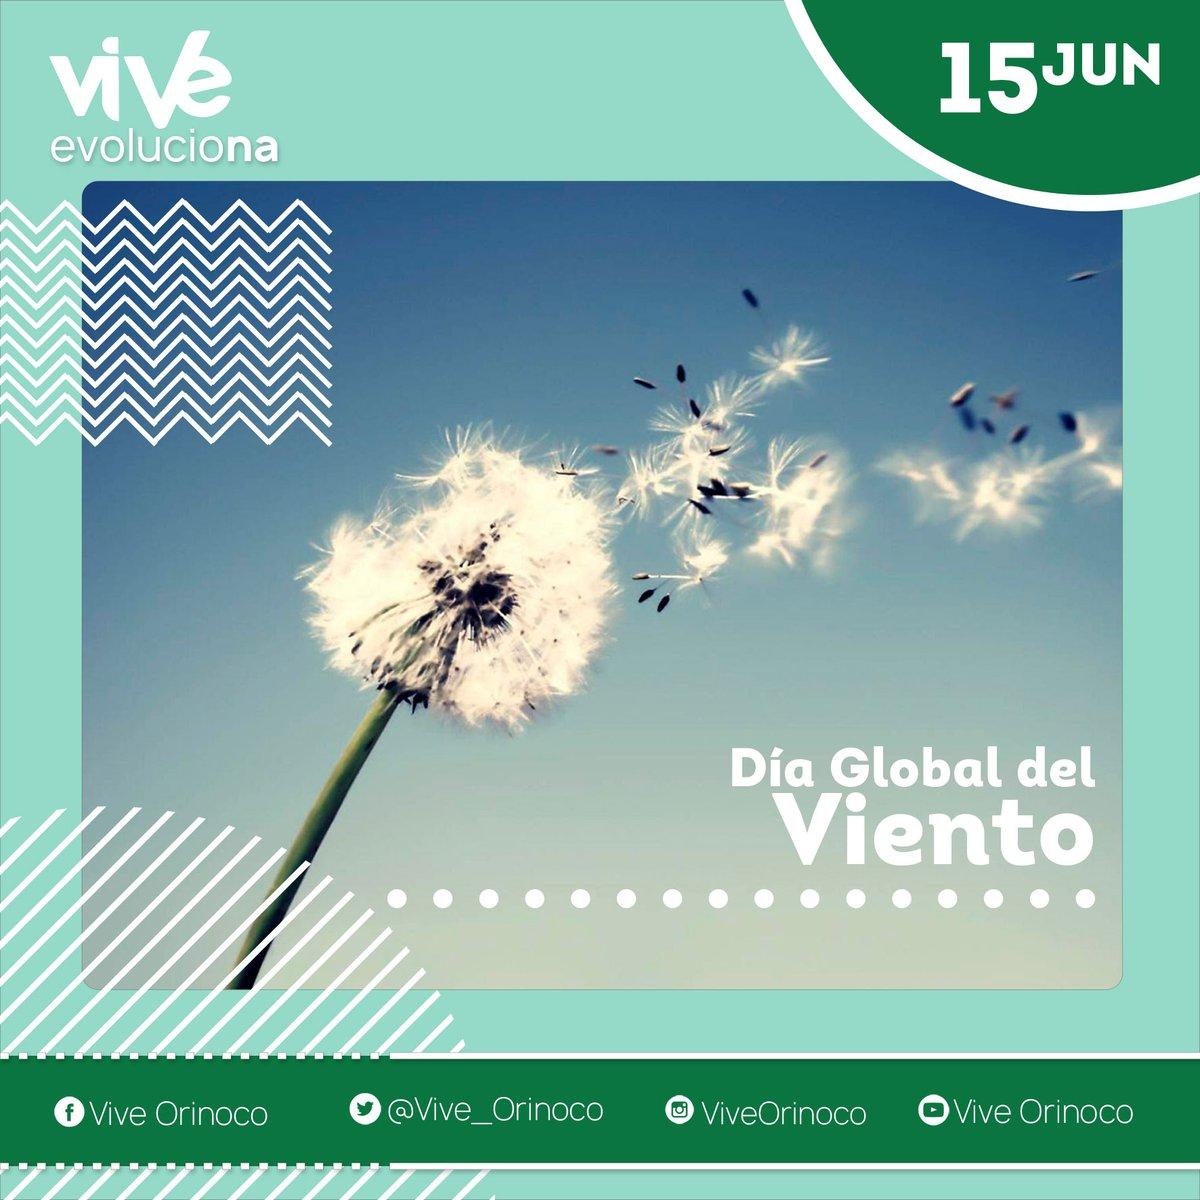 #15Junio | Es el día perfecto para descubrir el viento, la energía eólica y sus posibilidades para cambiar el mundo. #diaglobaldelviento  #cambiaelmundo #vida #EnergiaEolica  #CaminoElectoralYDemocraticopic.twitter.com/QlzRLgyLXD